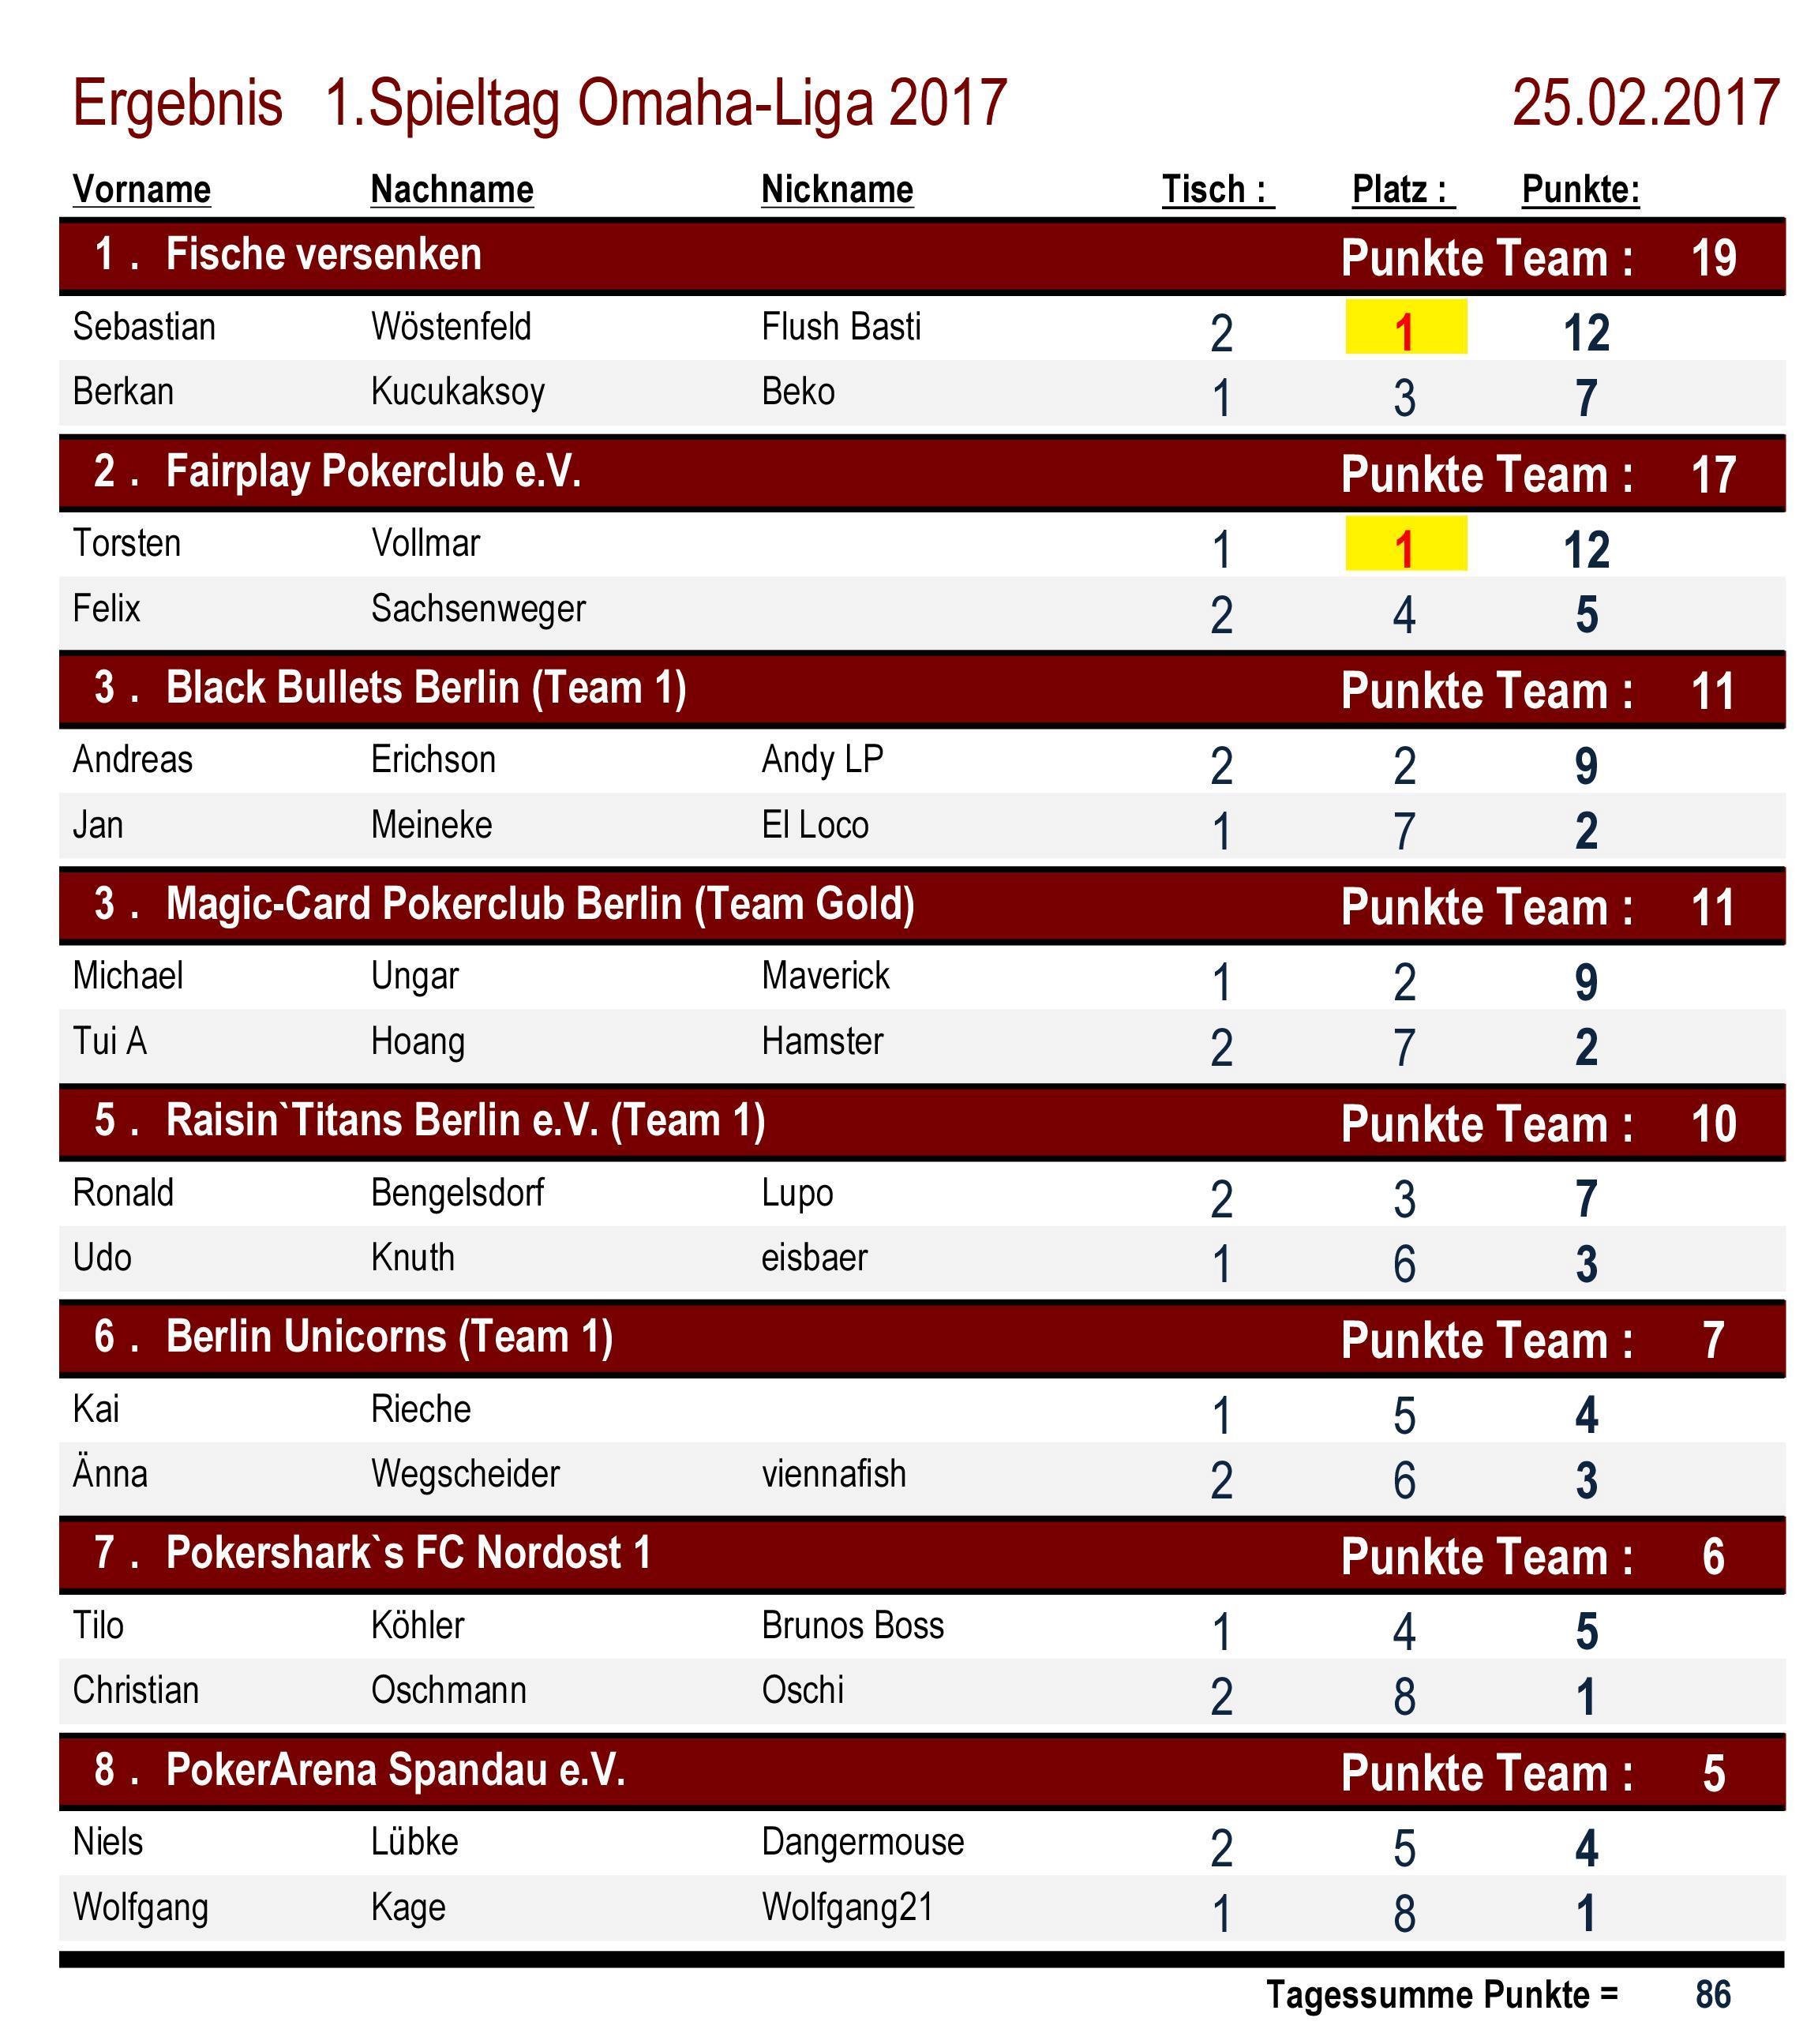 Platzierungen Omaha-Liga 1.Spieltag 2017